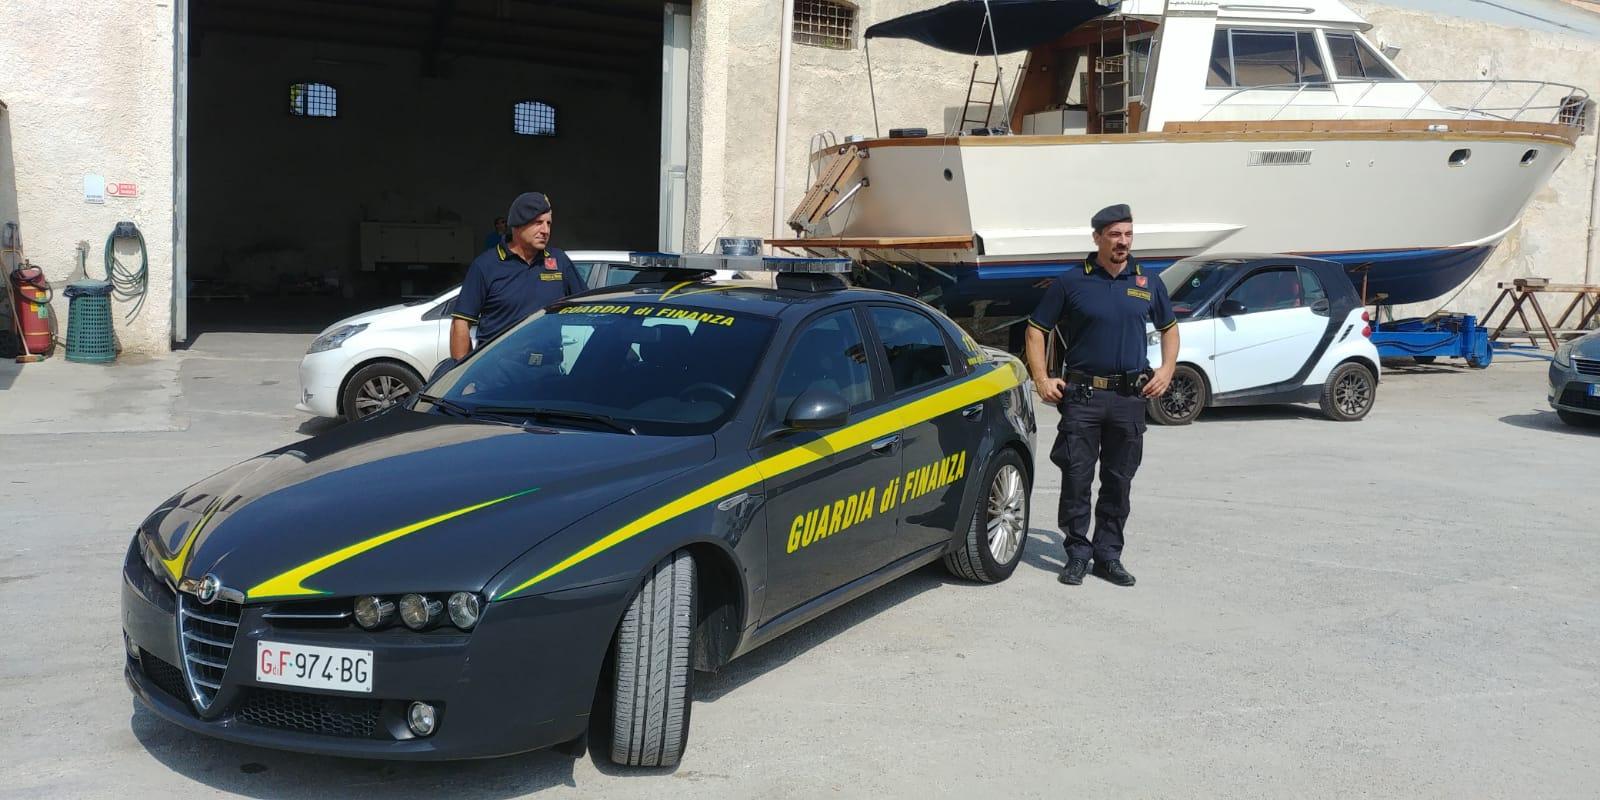 Aziende, barche e auto: sequestro da oltre 1 milione a trafficante di droga